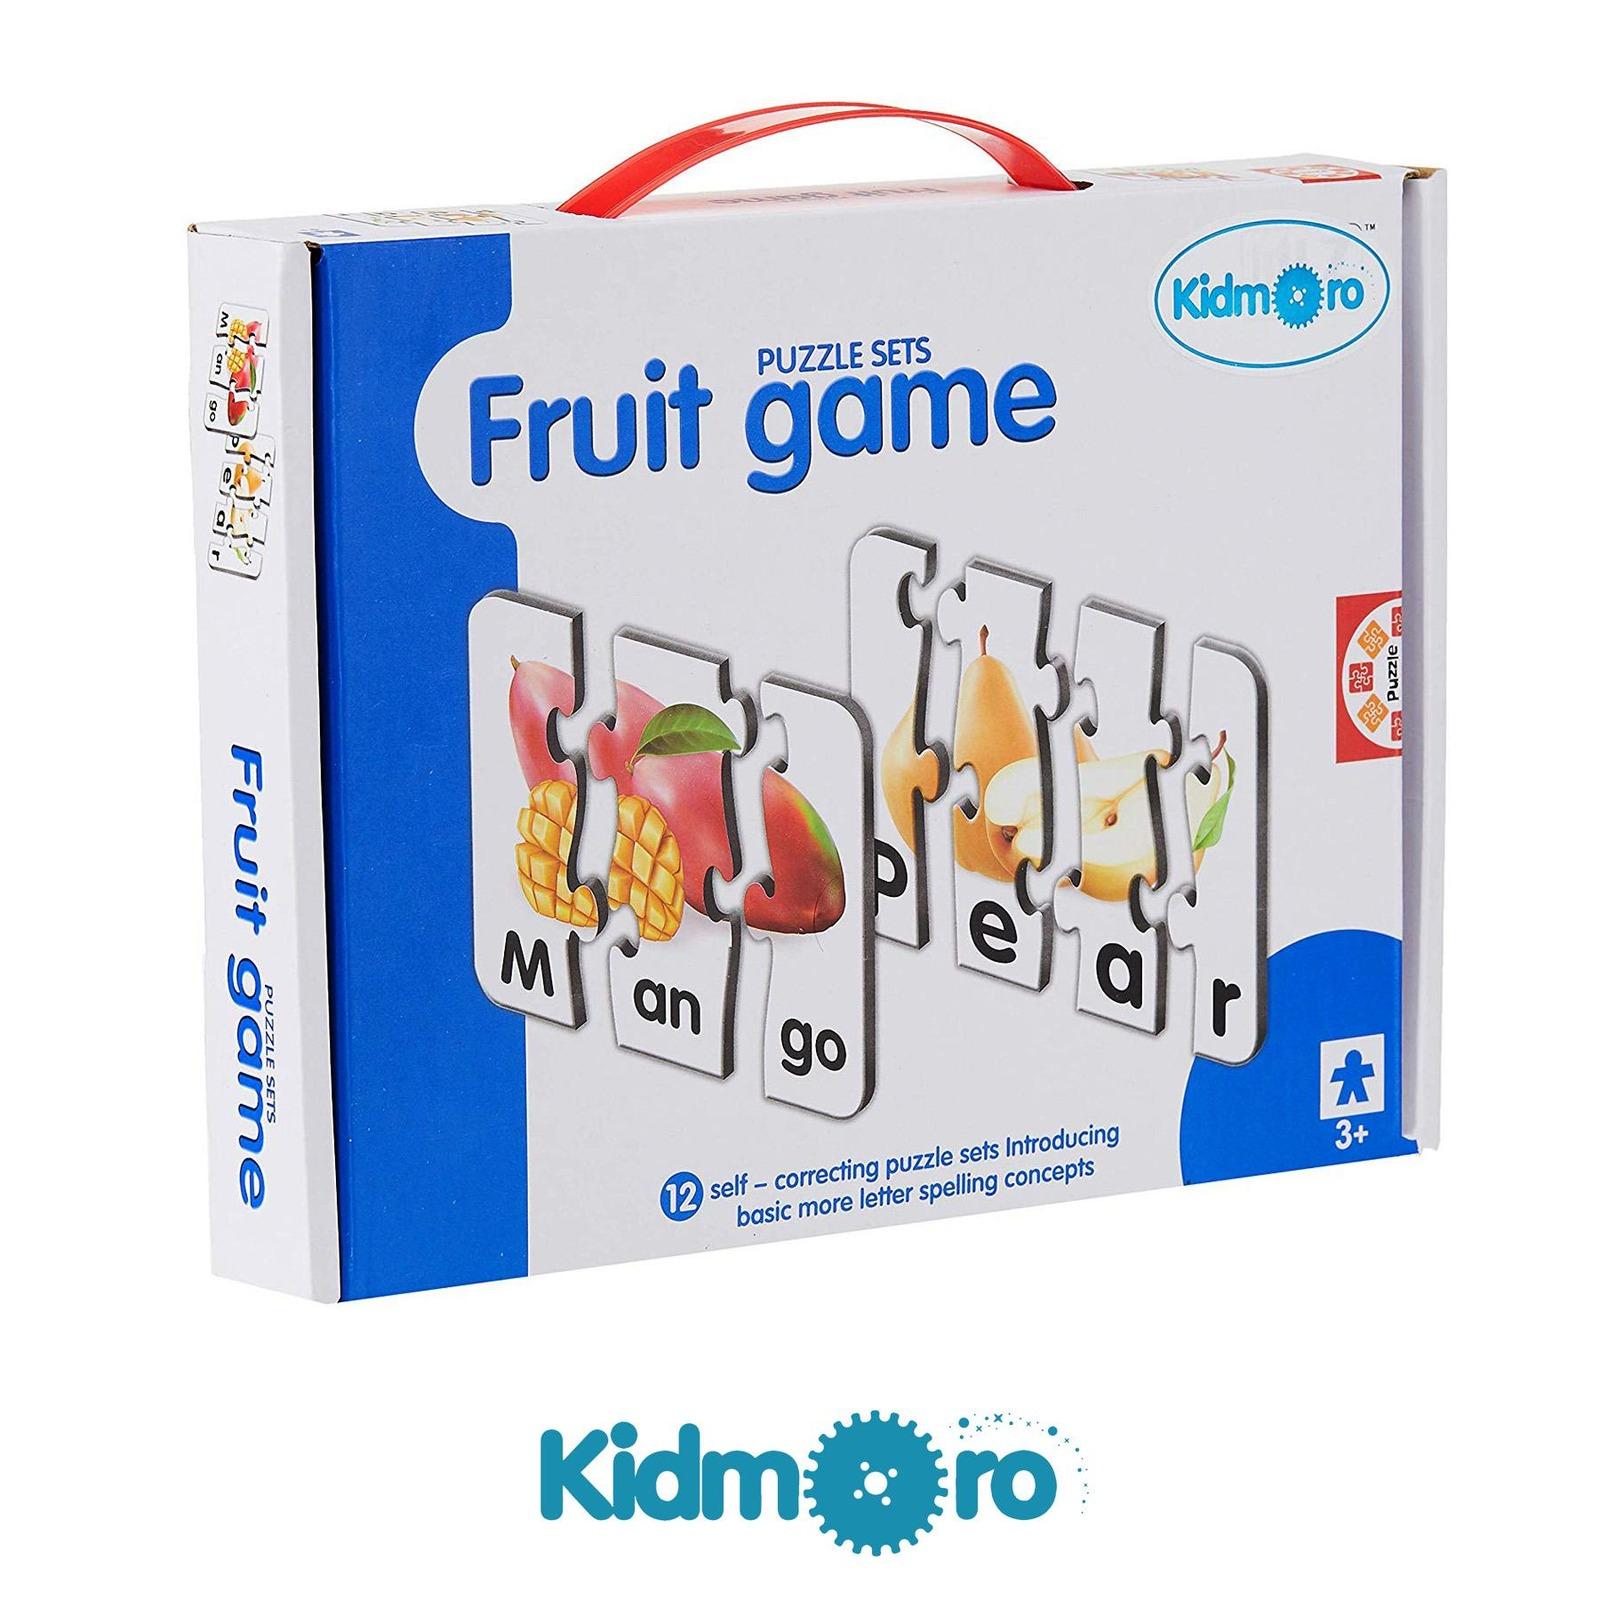 Kidmoro Fruit Game Learning Puzzle